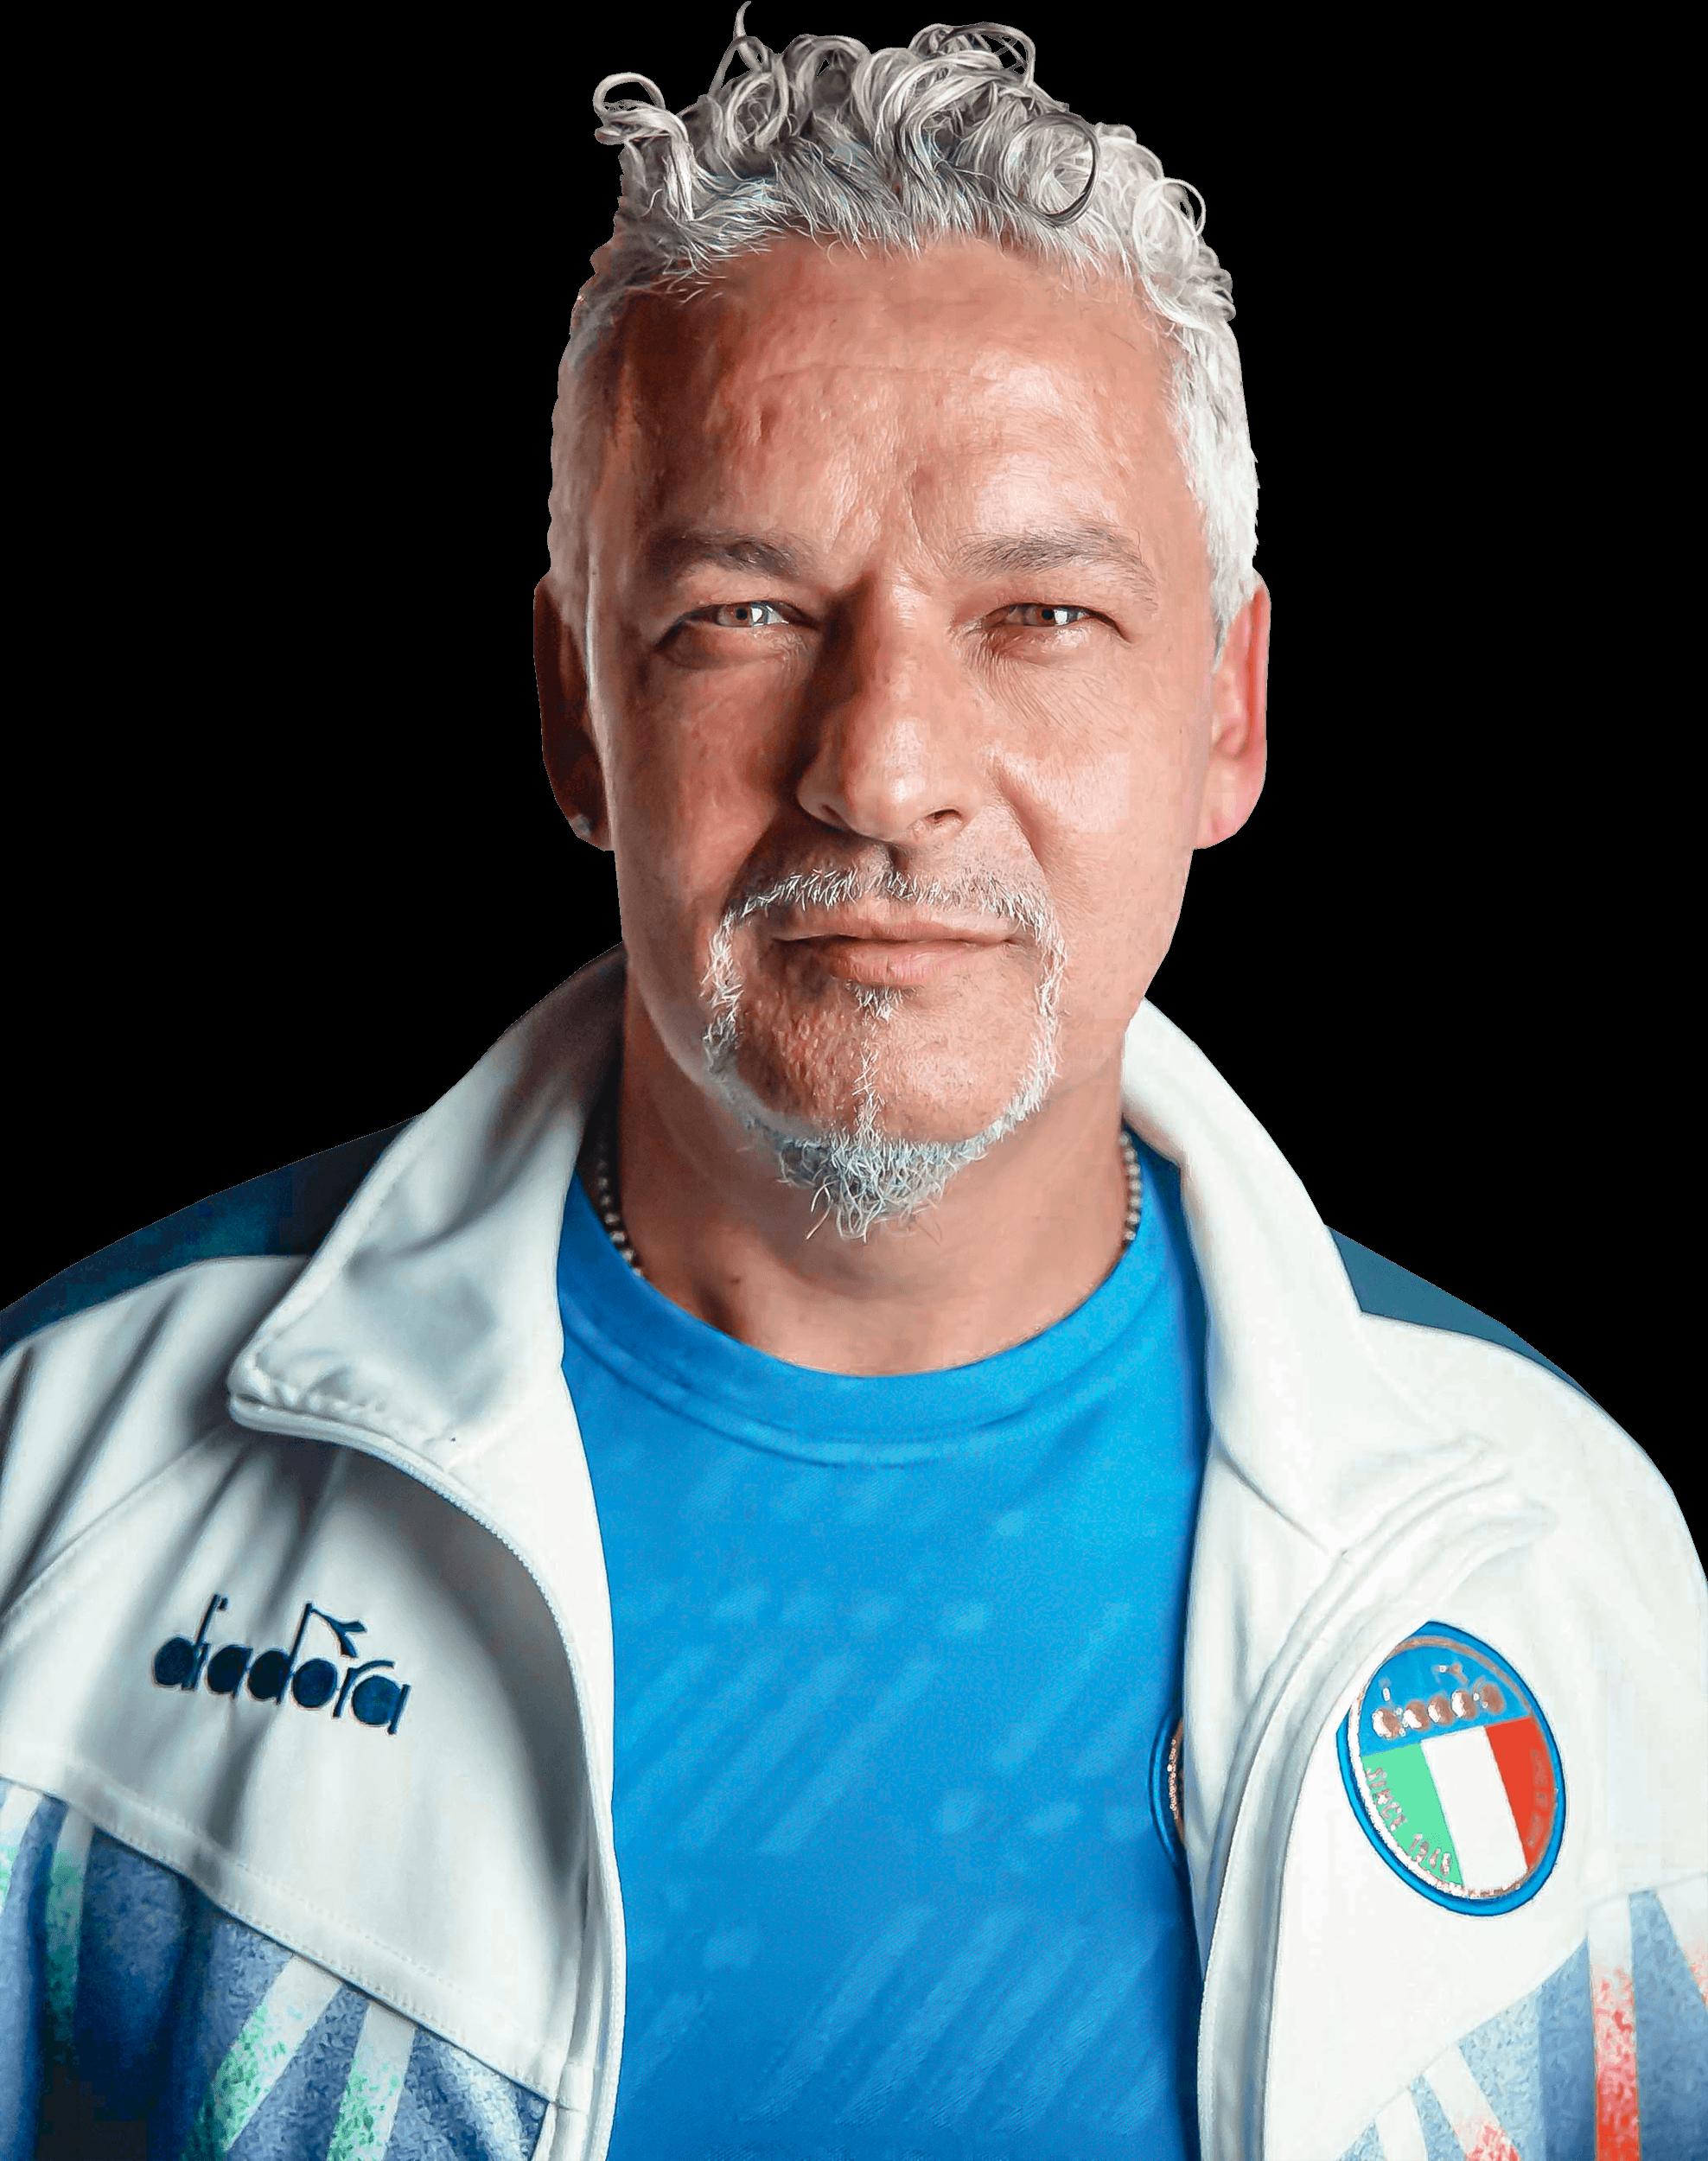 Roberto Baggiorender